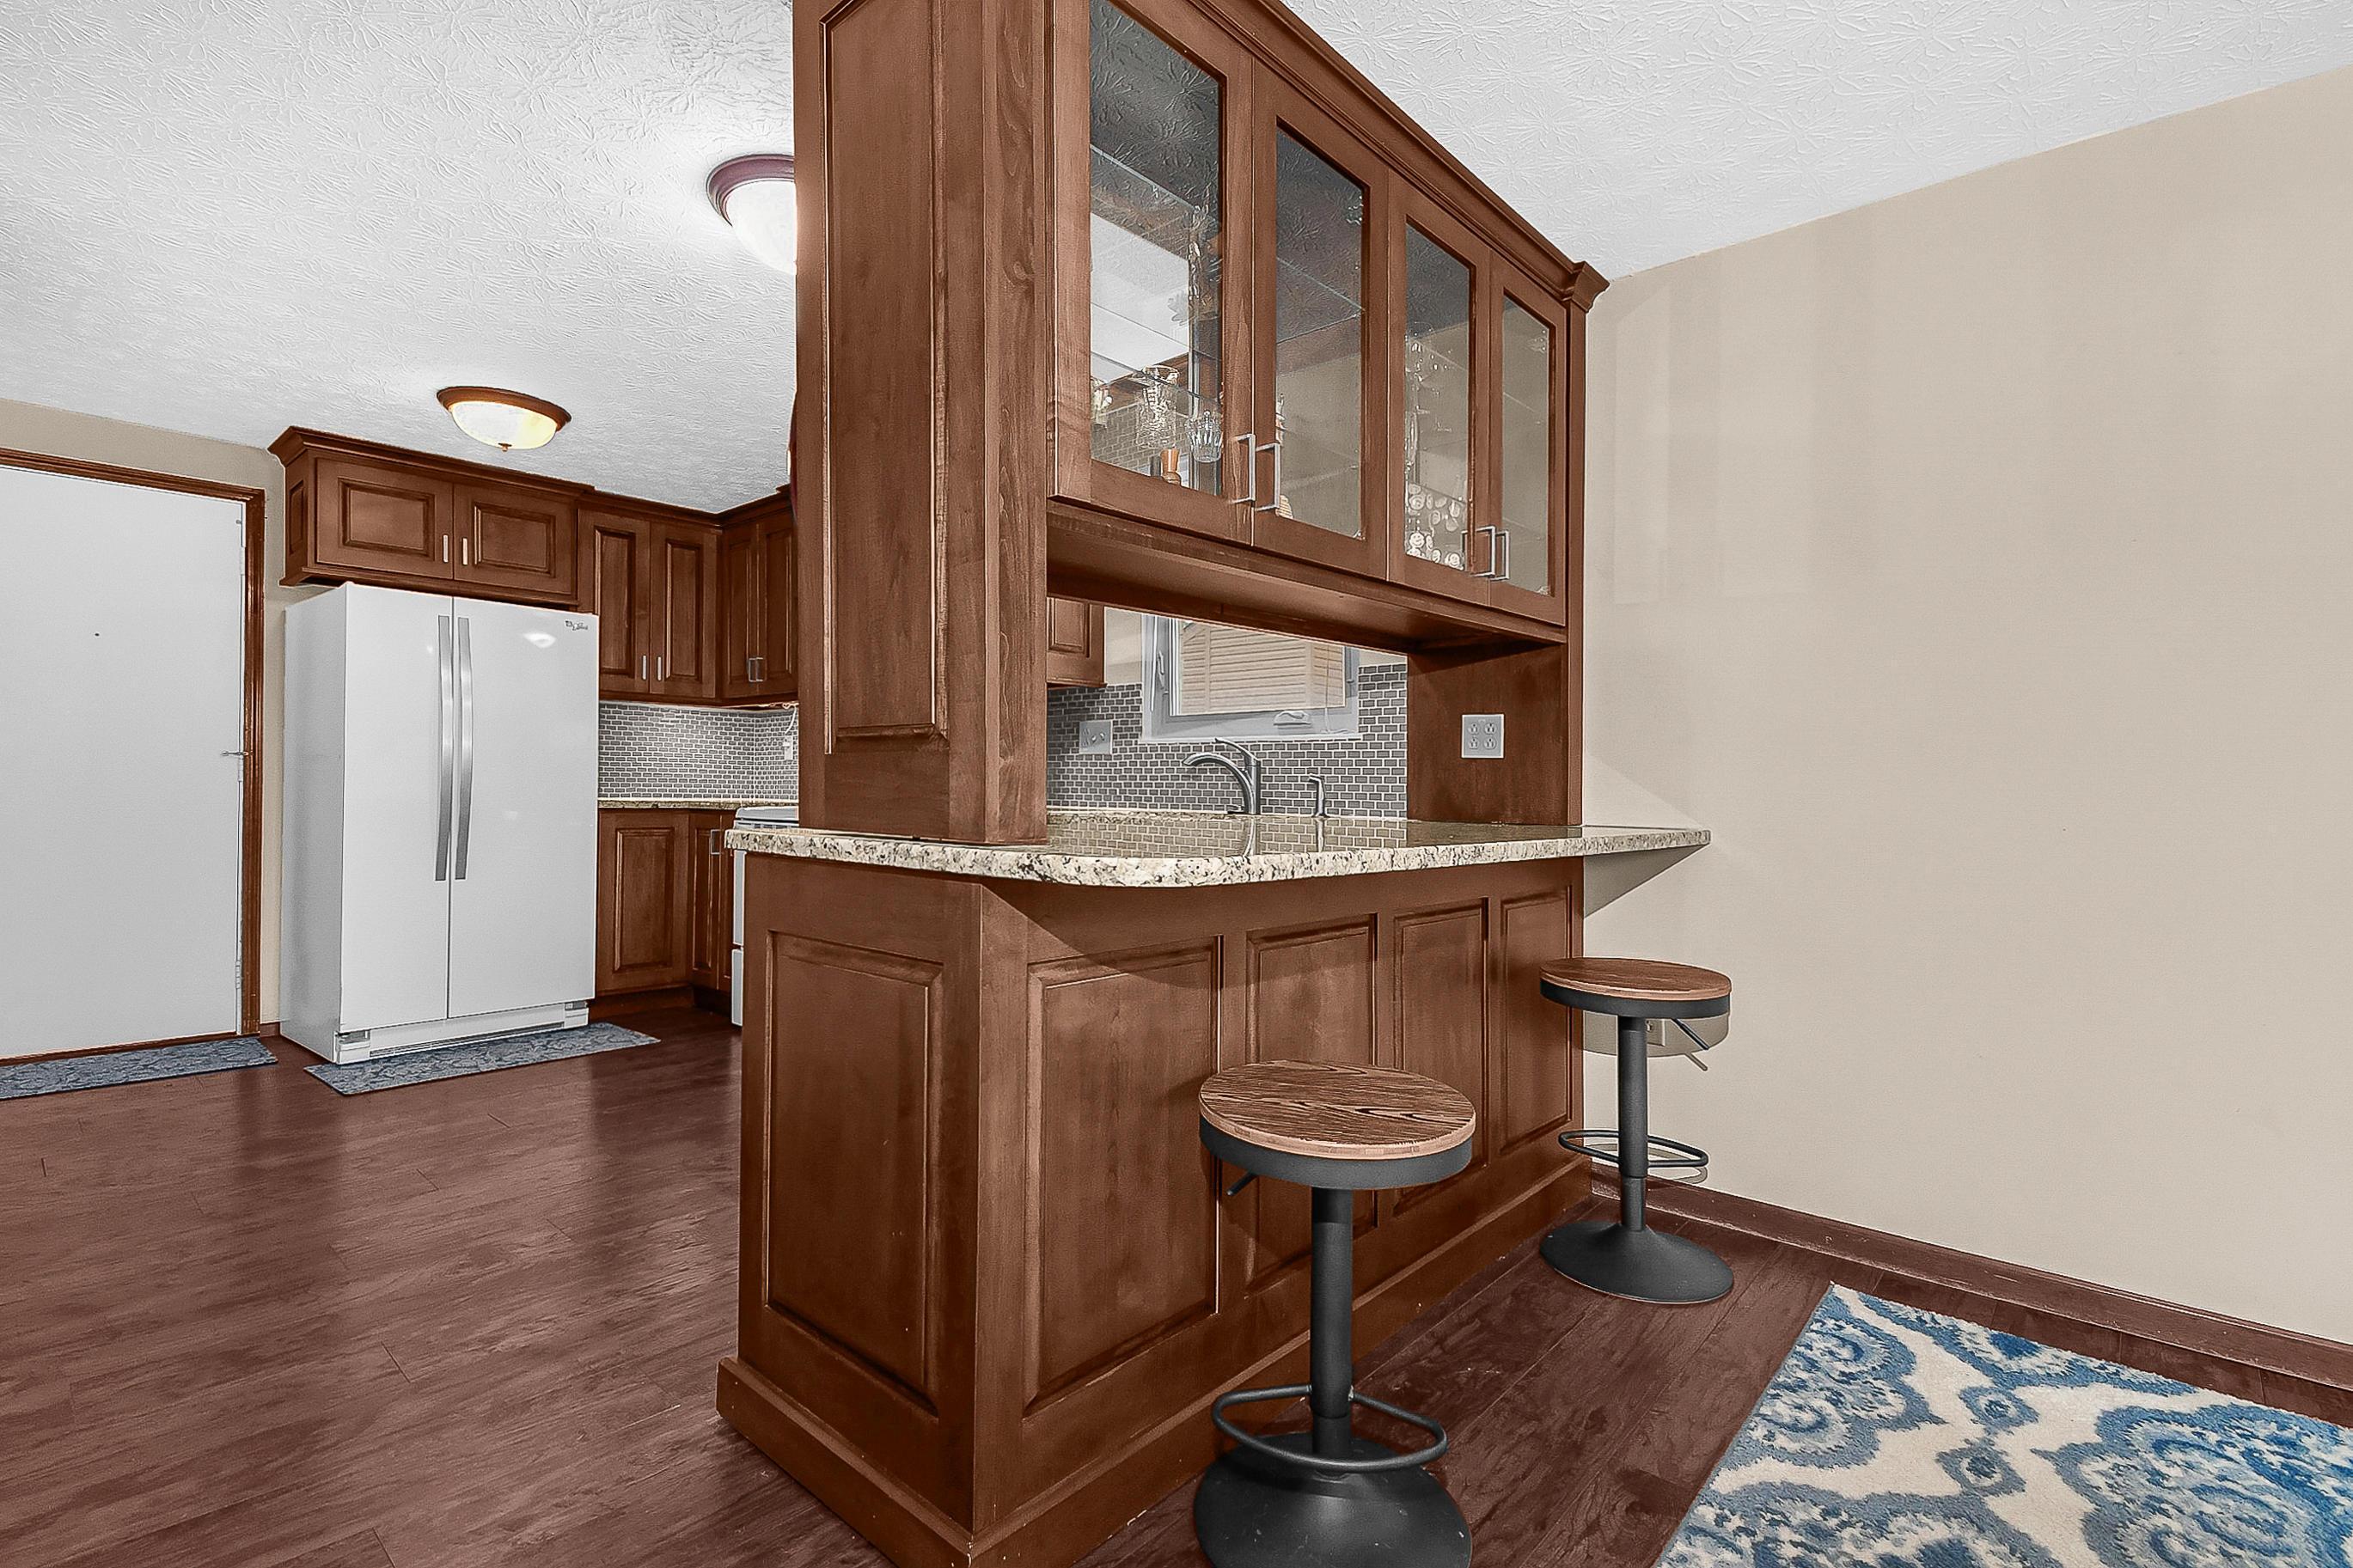 3670 Rochfort Bridge Drive, Columbus, Ohio 43221, 3 Bedrooms Bedrooms, ,2 BathroomsBathrooms,Residential,For Sale,Rochfort Bridge,221000683